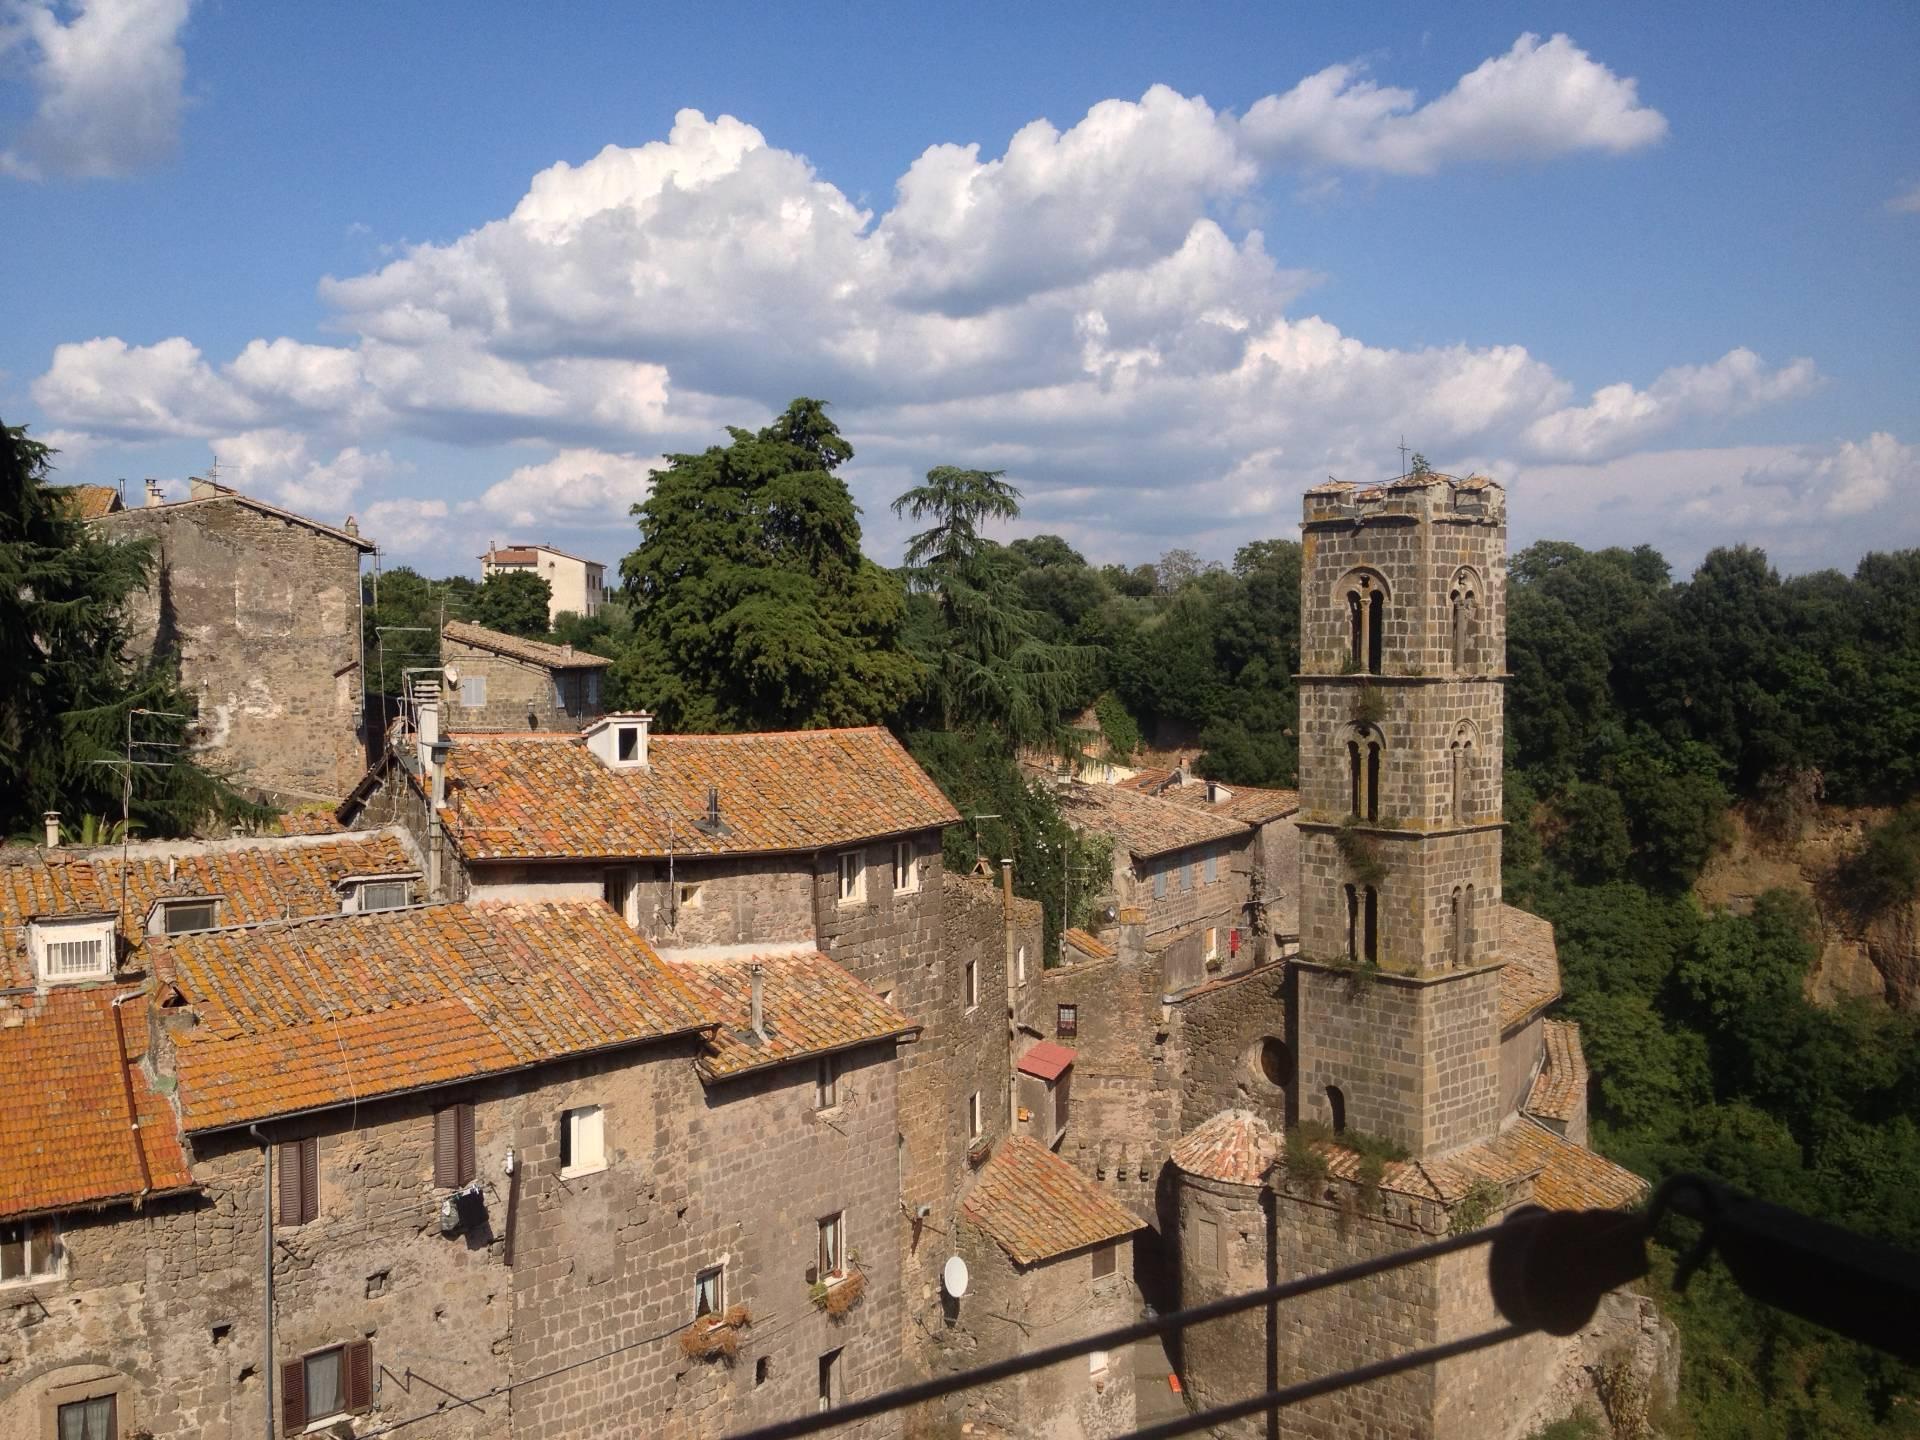 Appartamento in vendita a Ronciglione, 2 locali, zona Località: centro, prezzo € 35.000 | CambioCasa.it